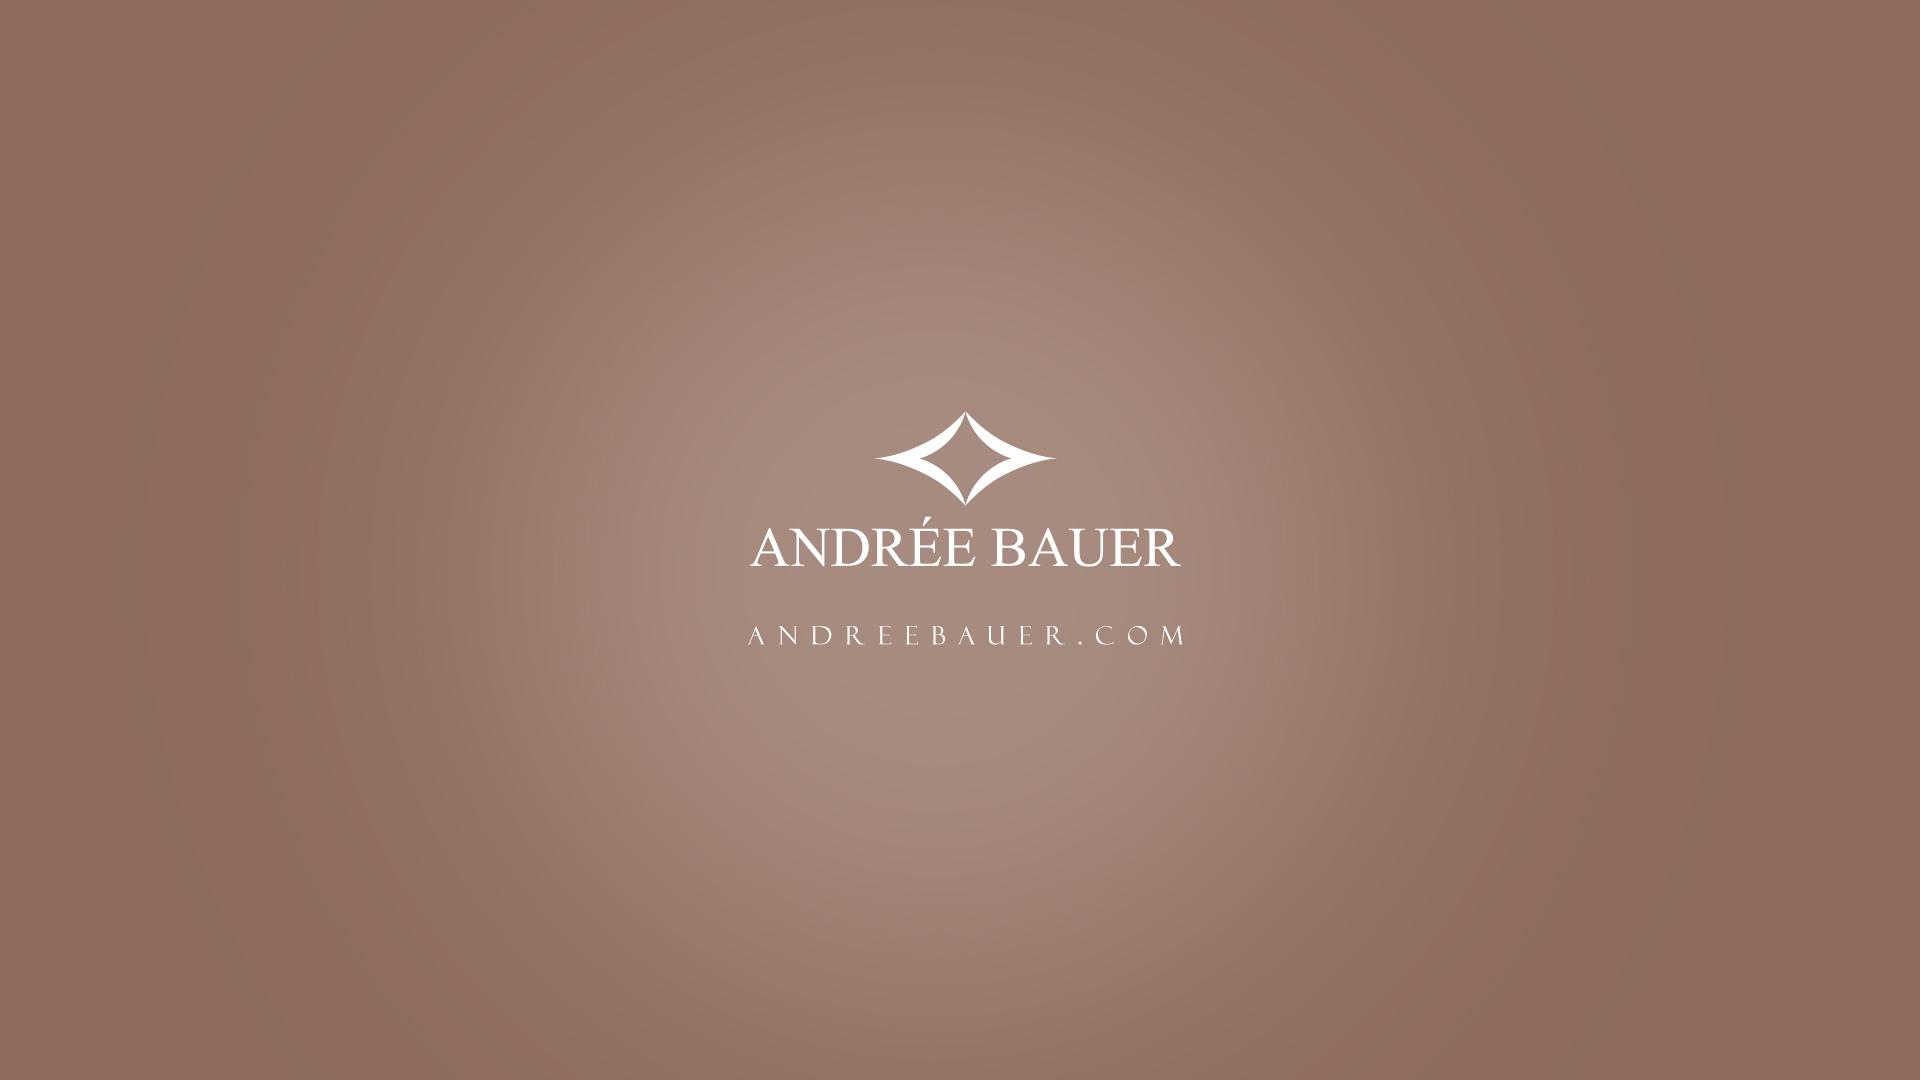 Andrée Bauer